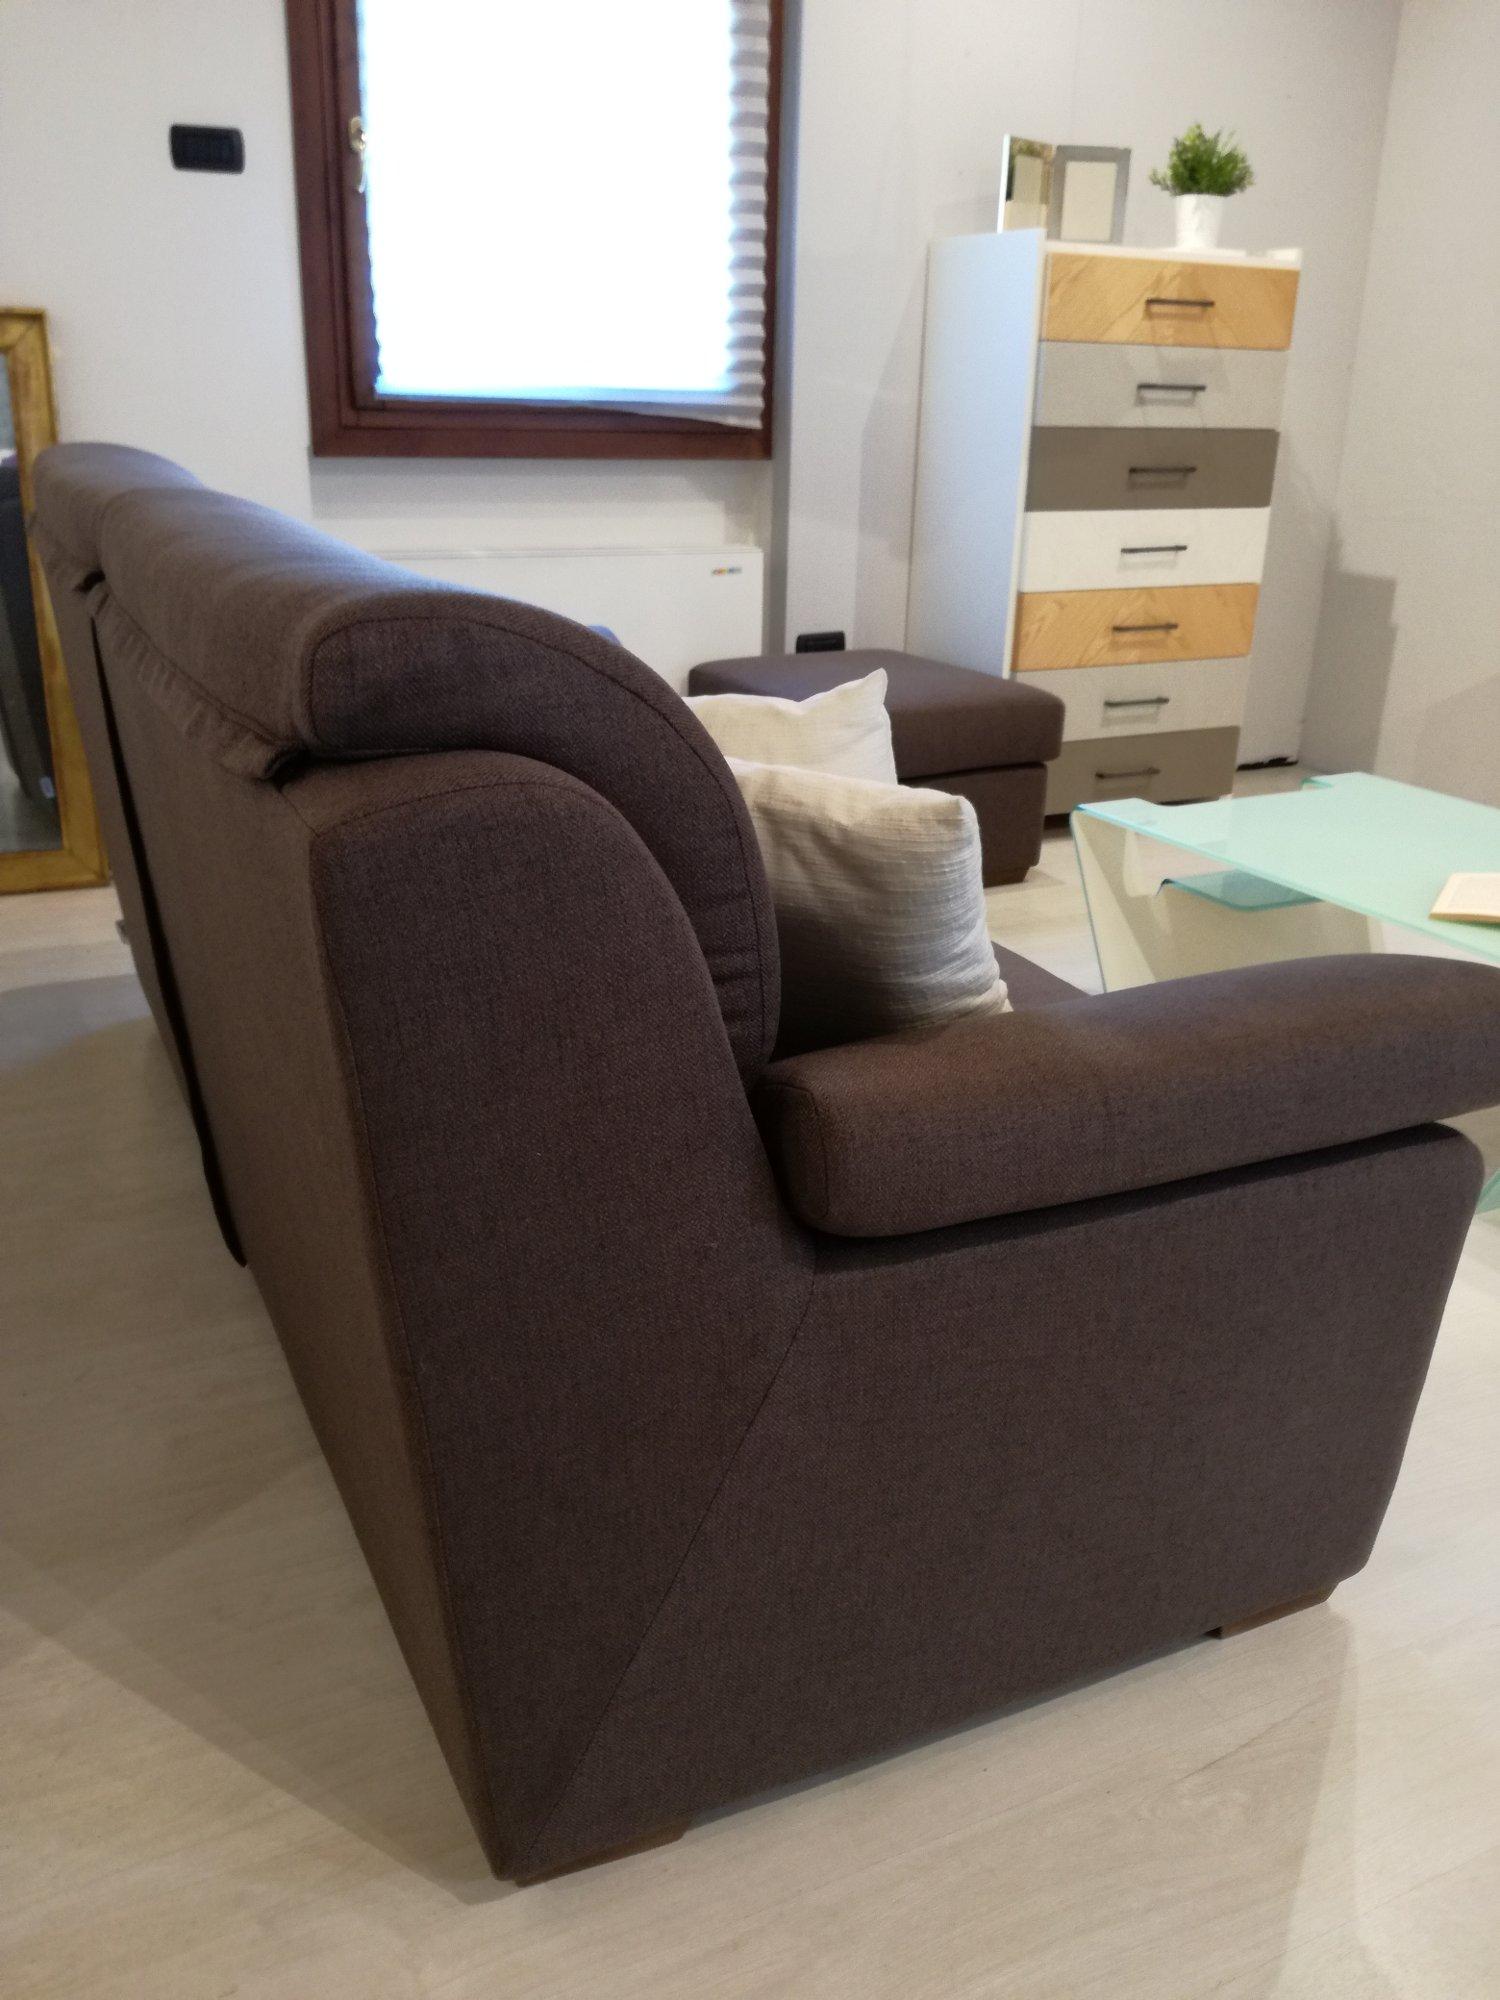 occasioe divano 3 posti sfoderabile cm 210